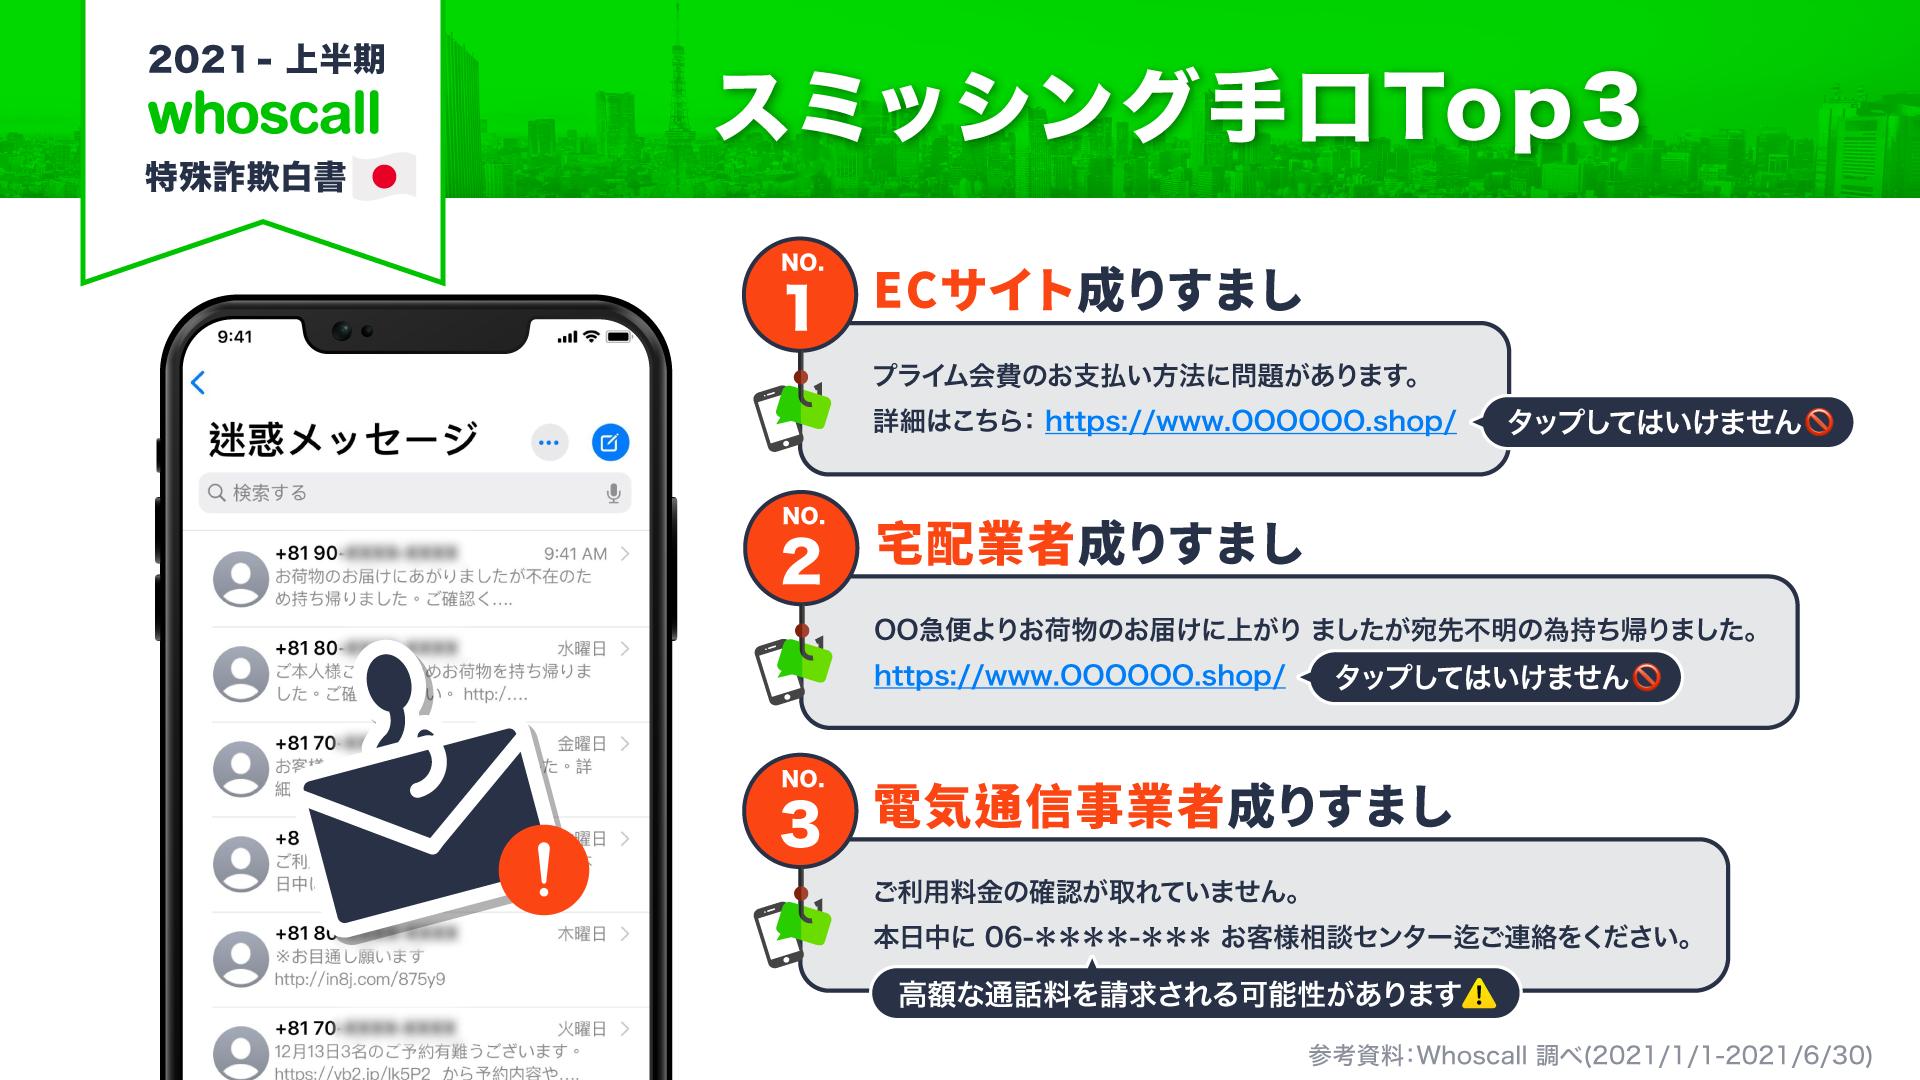 日本でのスミッシングTop3